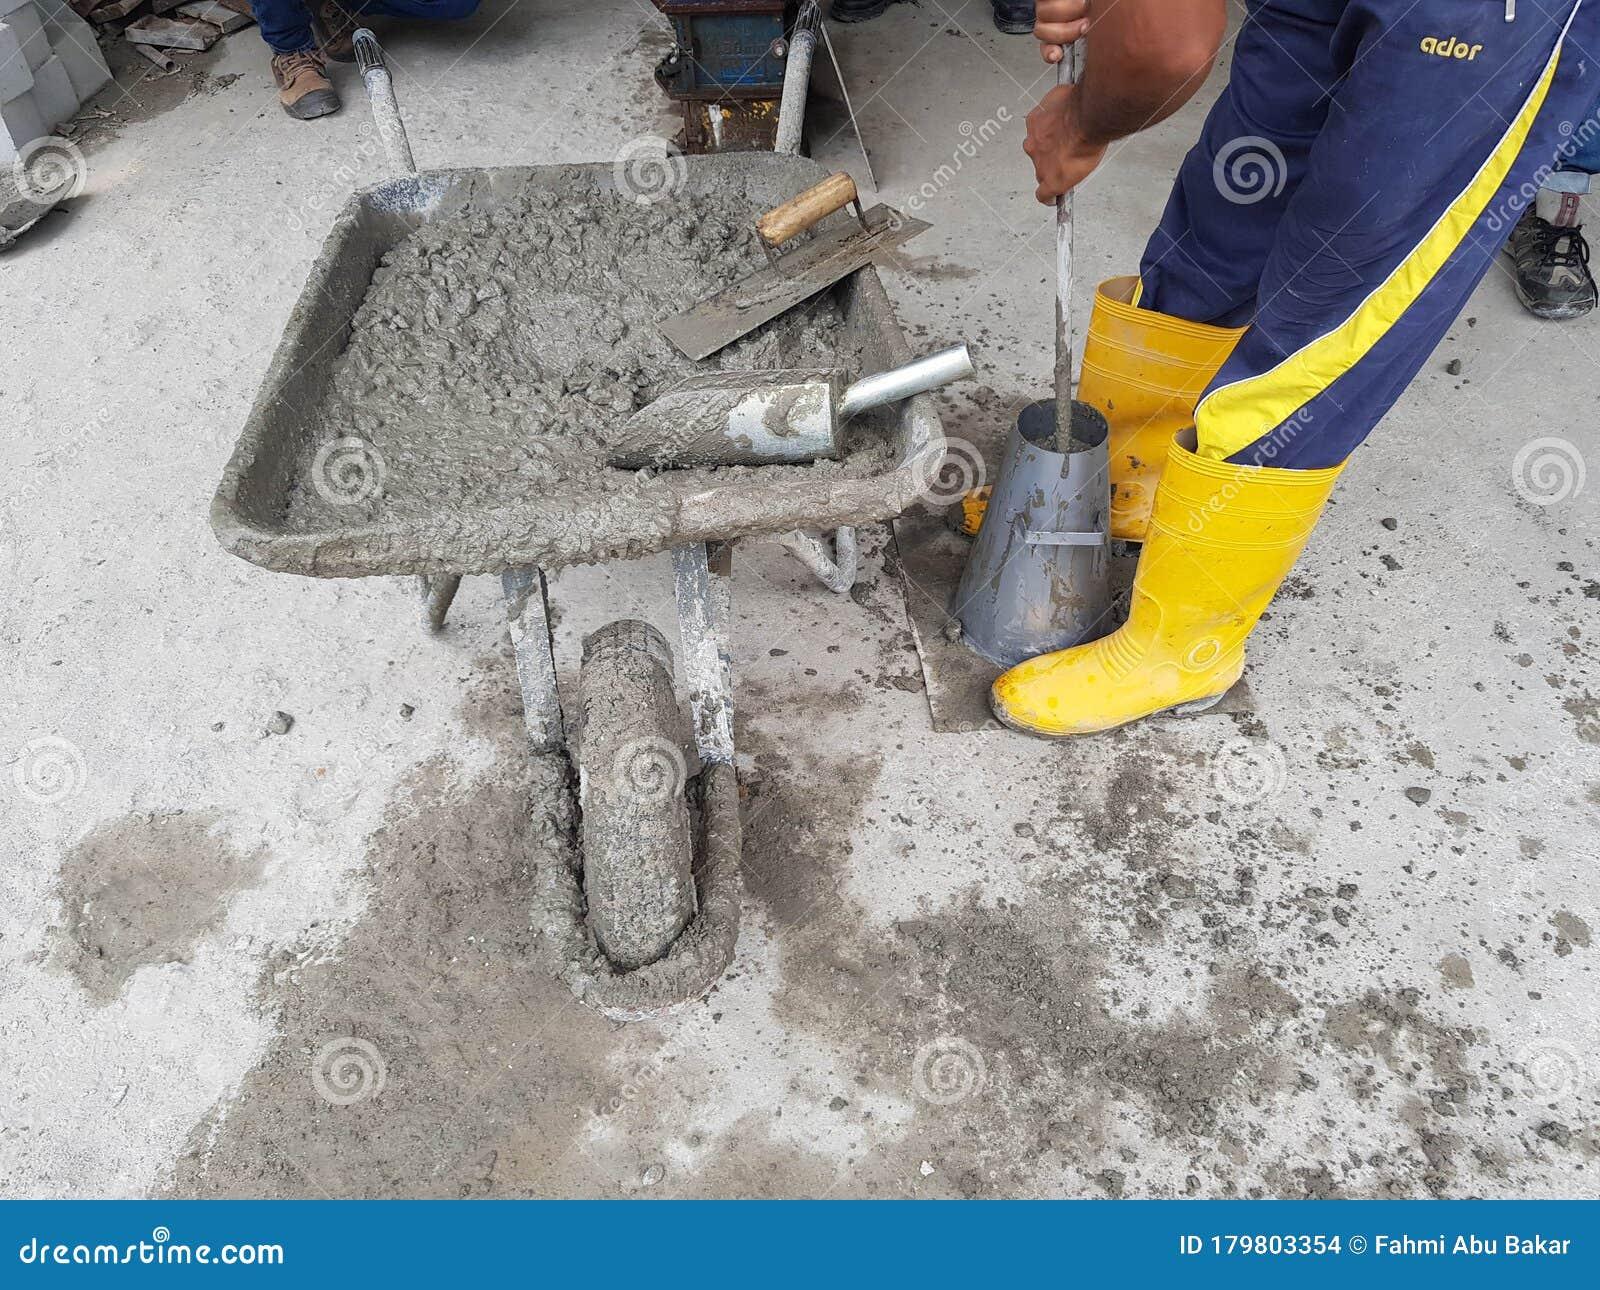 Падение бетона керамзитобетон для стяжка пола